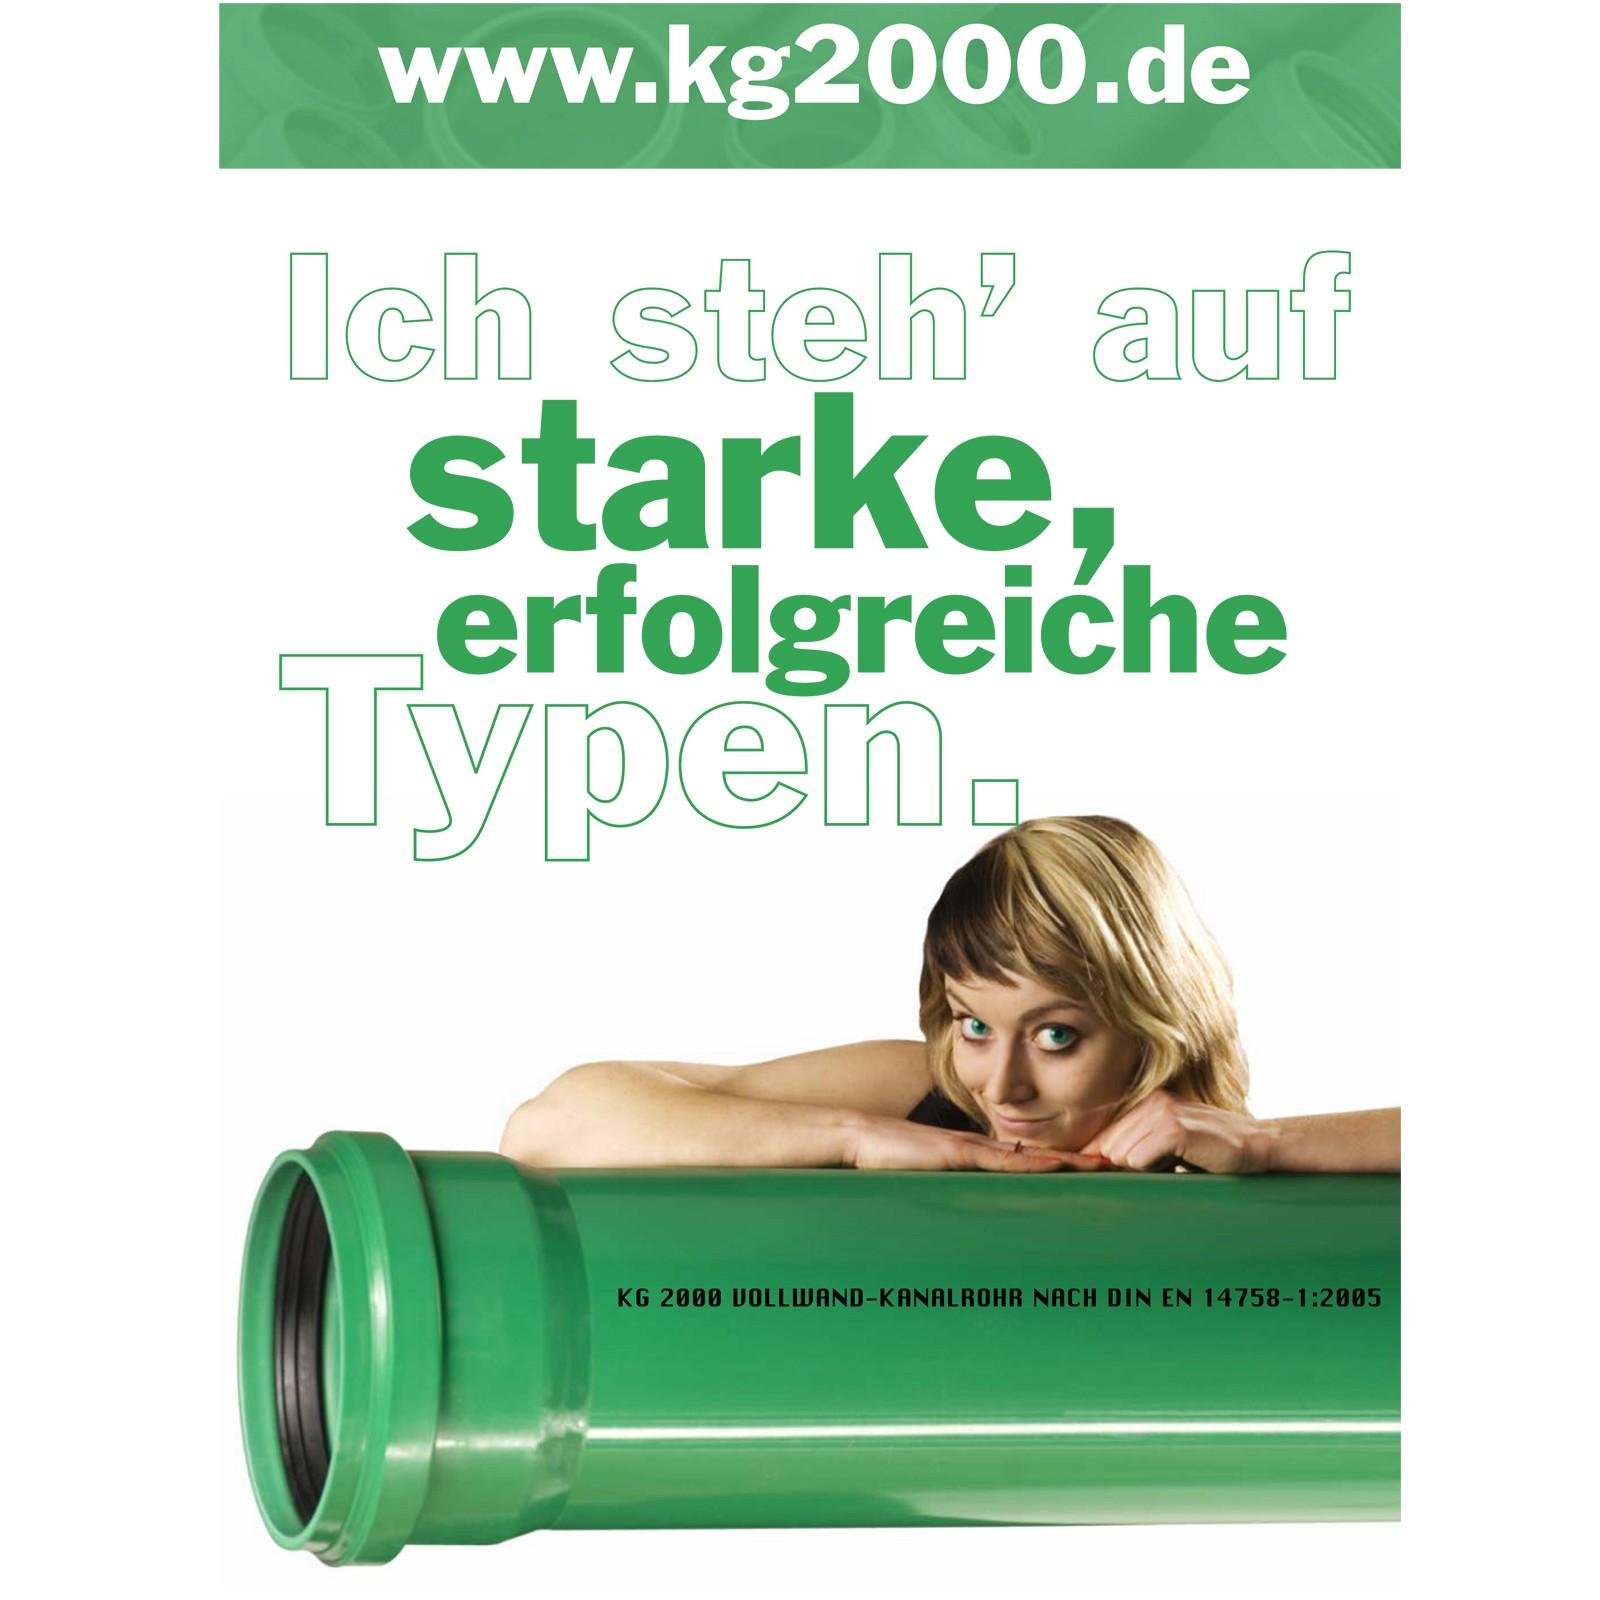 kg 2000 rohr dn160 x 500 mm abwasserrohr kanalrohr gr n. Black Bedroom Furniture Sets. Home Design Ideas